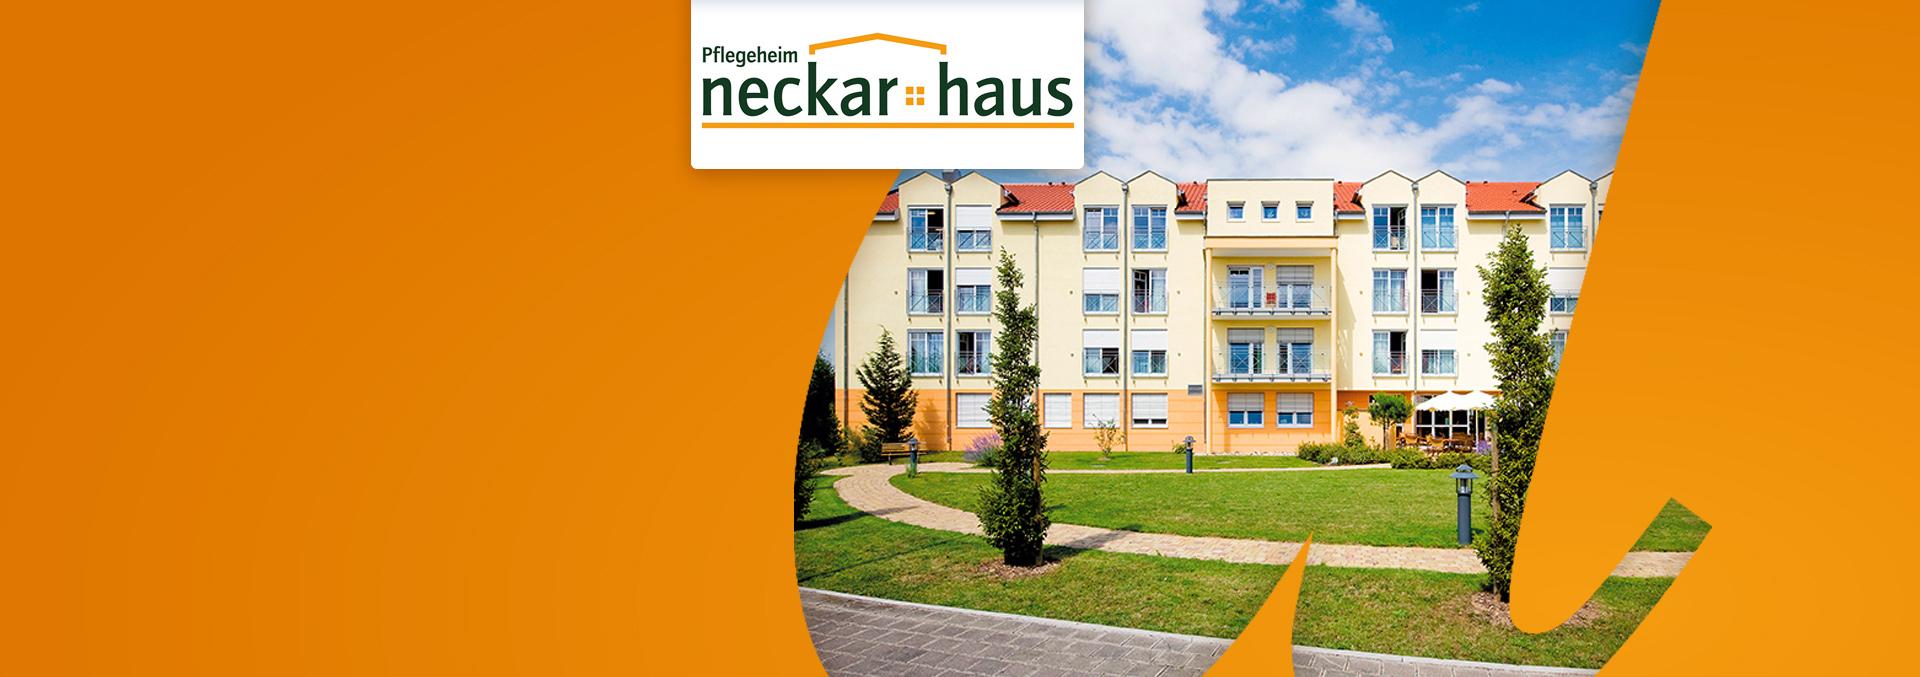 Blick auf das Pflegeheim Neckarhaus, Parkanlage mit einigen jungen Bäumen und gepflastertem geschwungenem Weg.